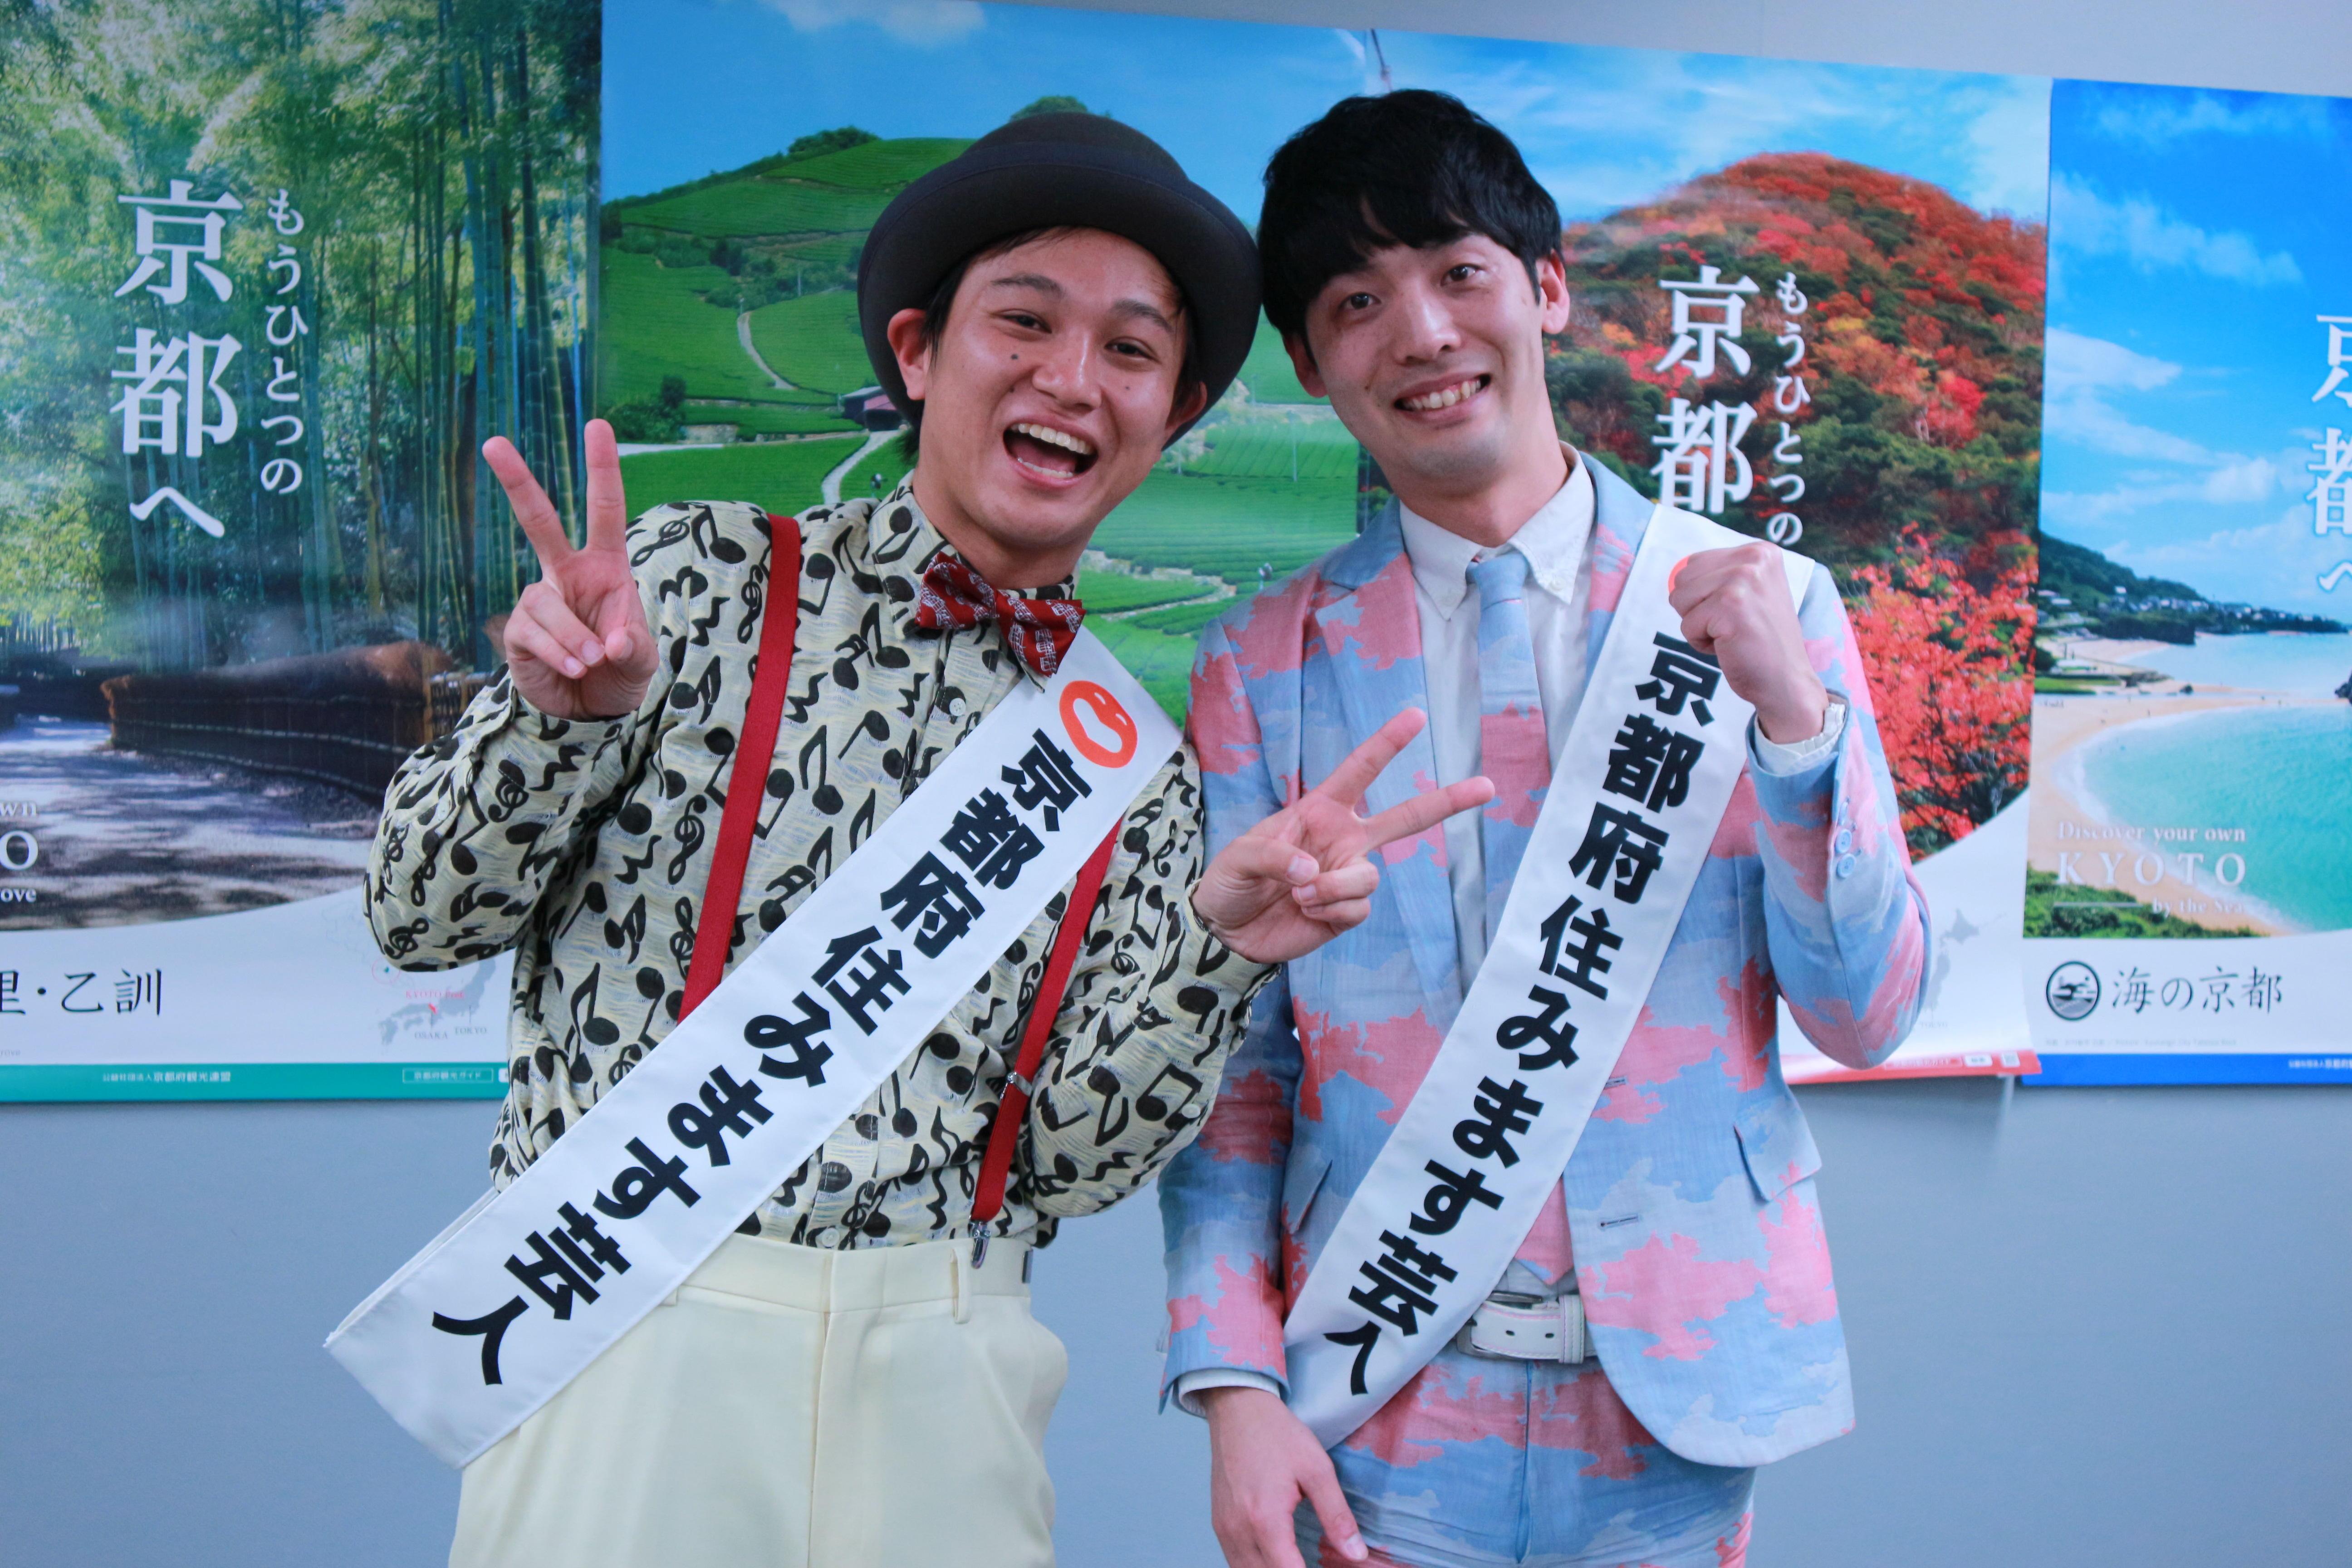 http://news.yoshimoto.co.jp/20180301012135-1cdc3e1d516010ed73745917f9b5d872c19fda9d.jpg